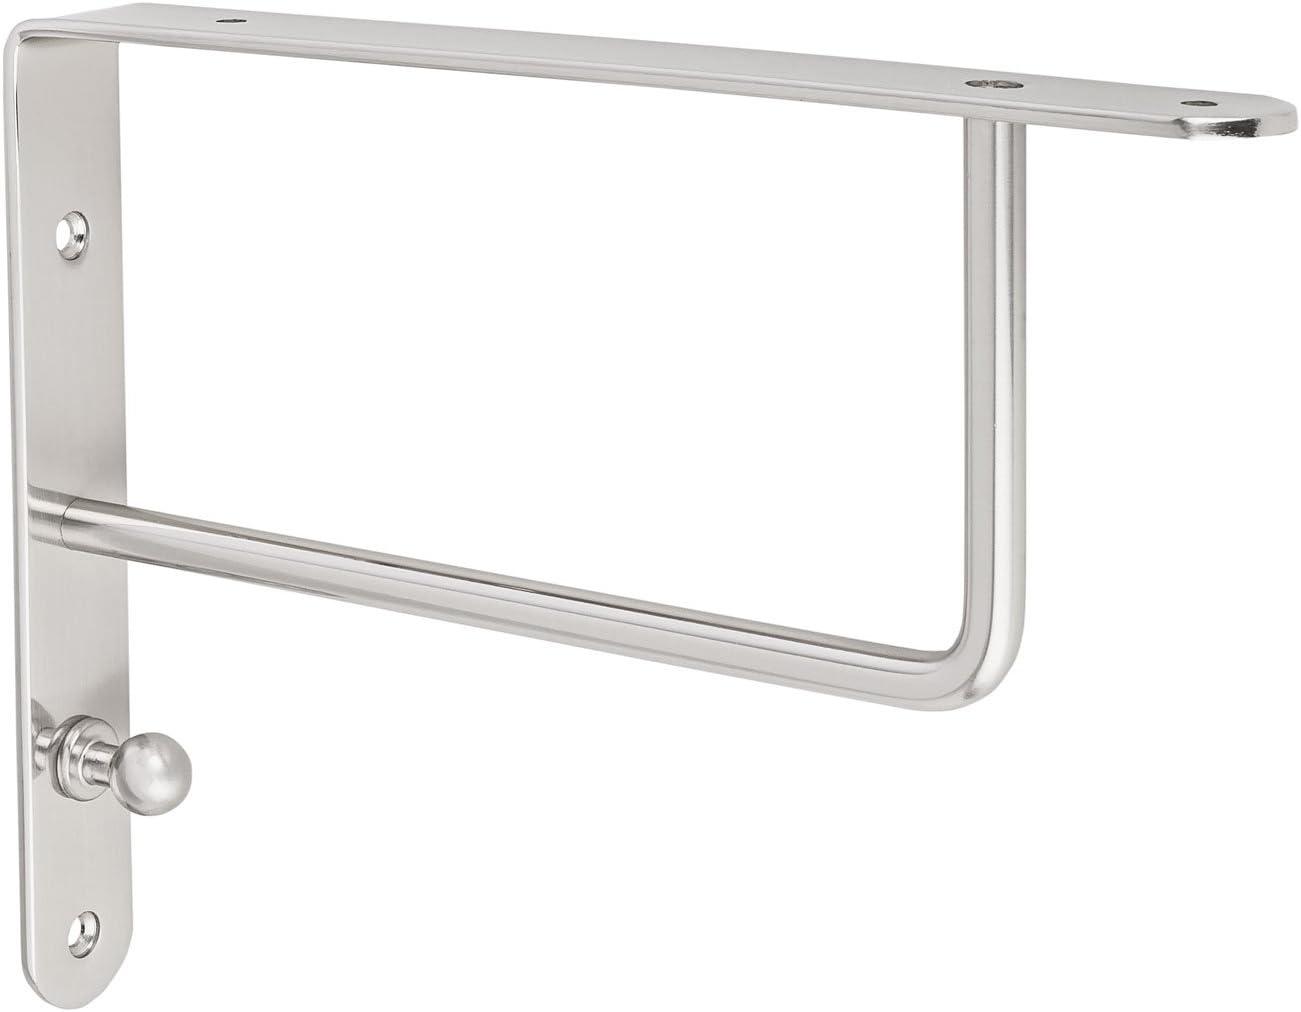 Grau 300 x 200 mm Velano 5350 Regalbodentr/äger Schwerlastkonsole Wandkonsole